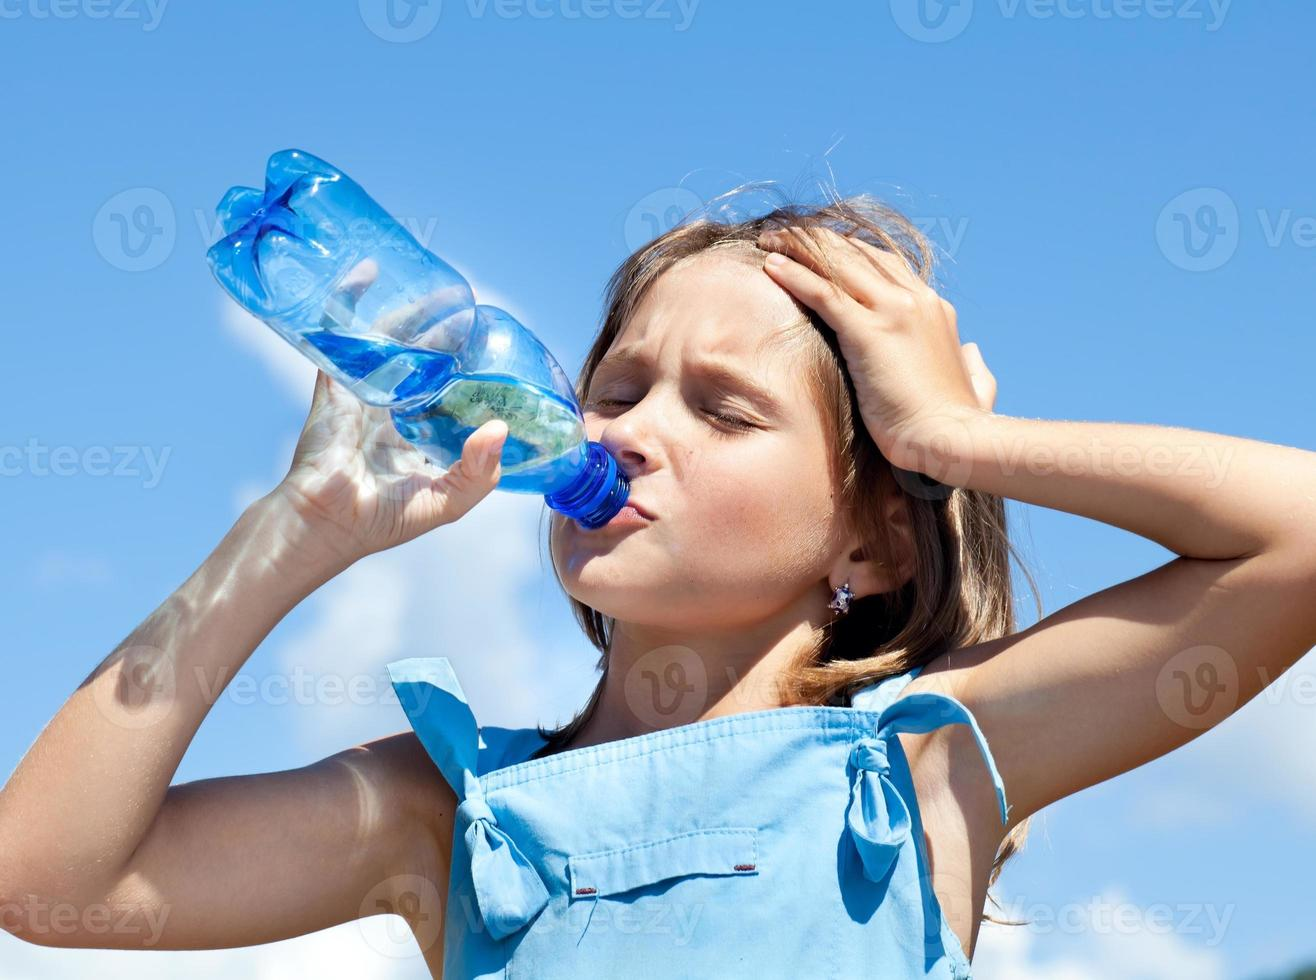 joven hermosa niña agua potable foto